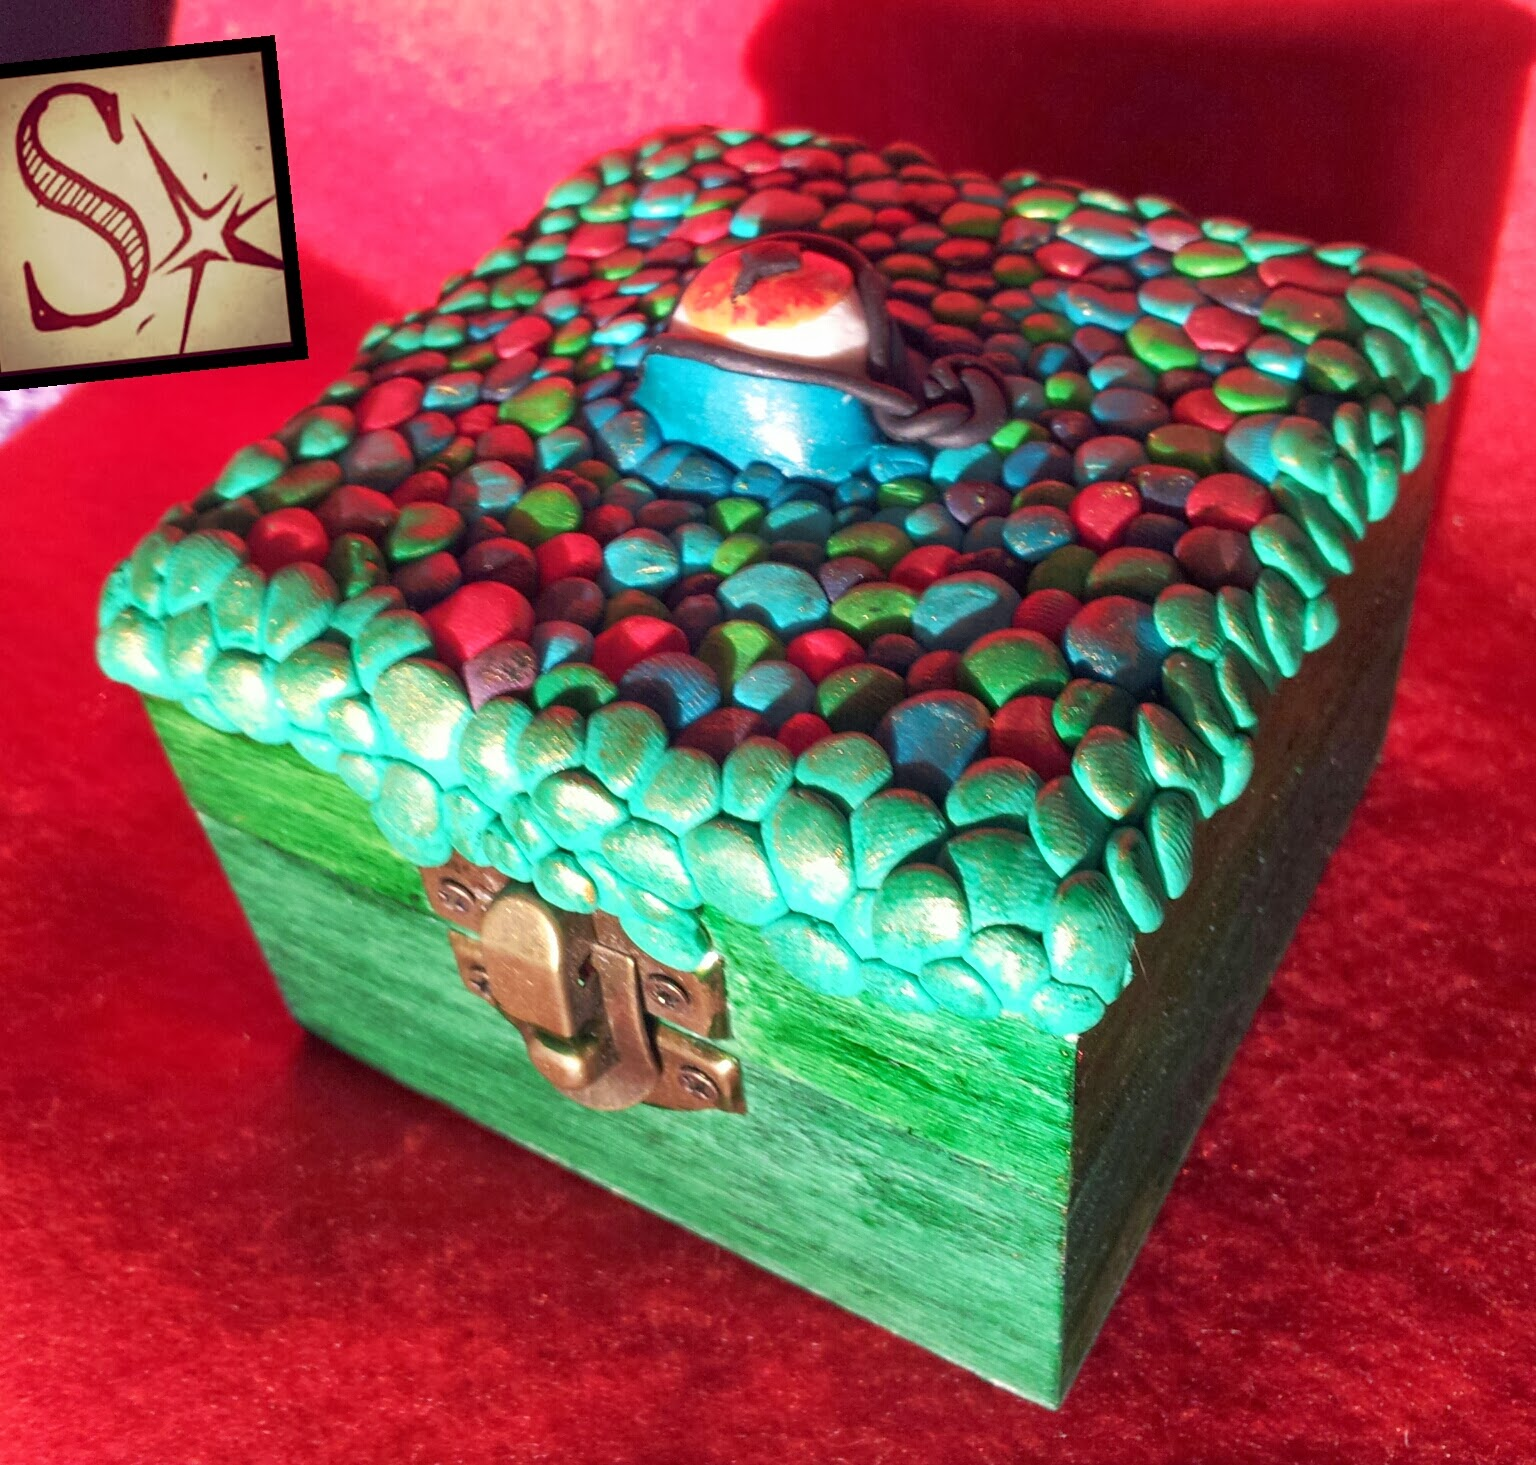 Selerkalart nueva caja decorada ojo de drag n - Pintura dorada para madera ...